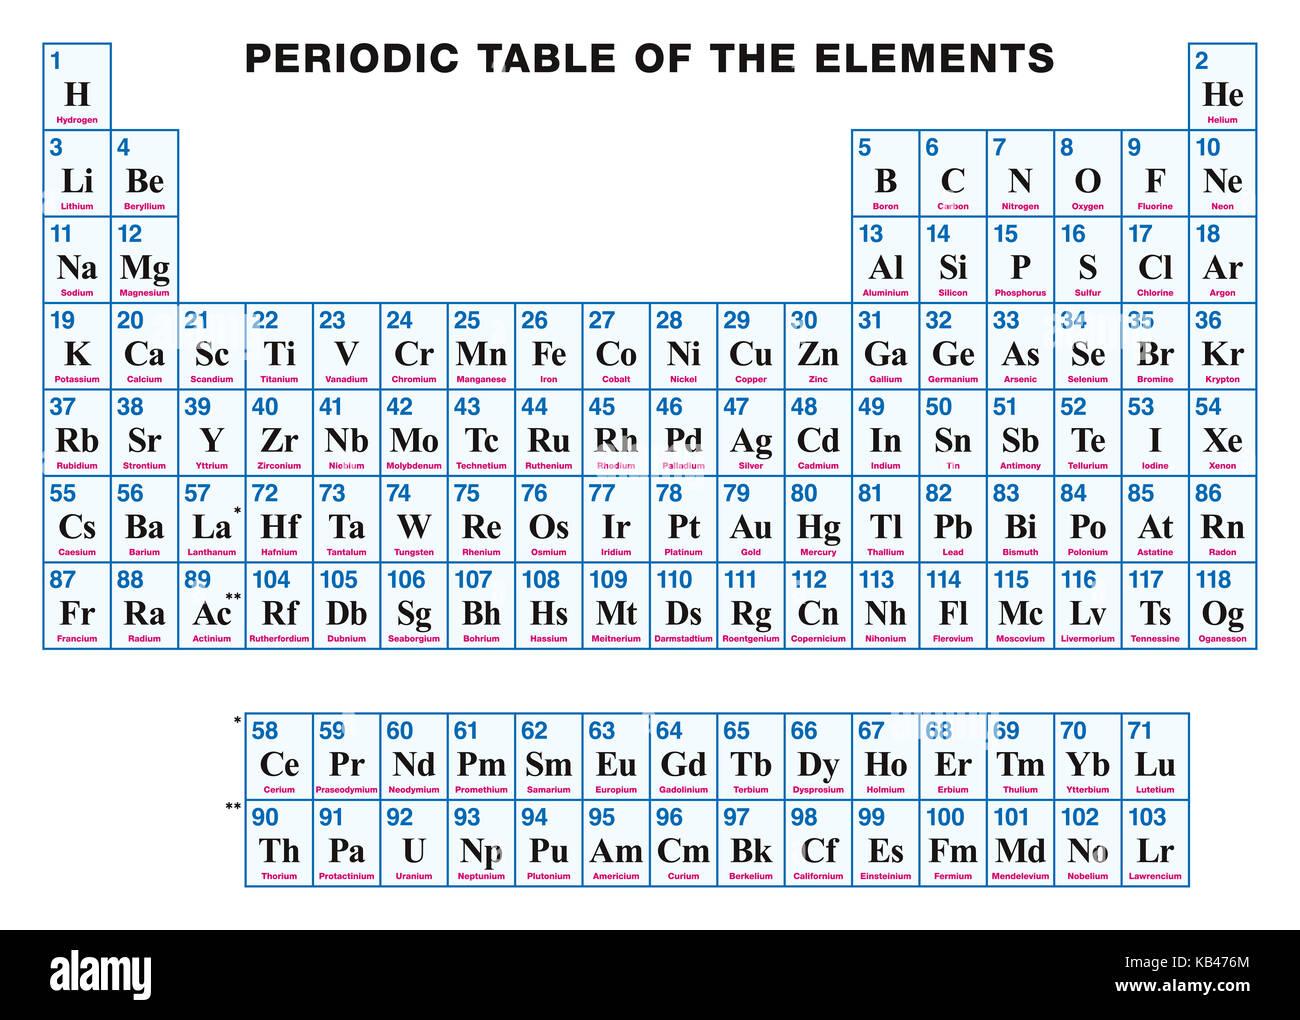 Tabla peridica de los elementos en ingls disposicin tabular tabla peridica de los elementos en ingls disposicin tabular de los elementos qumicos con sus nmeros atmicos smbolos y nombres urtaz Image collections